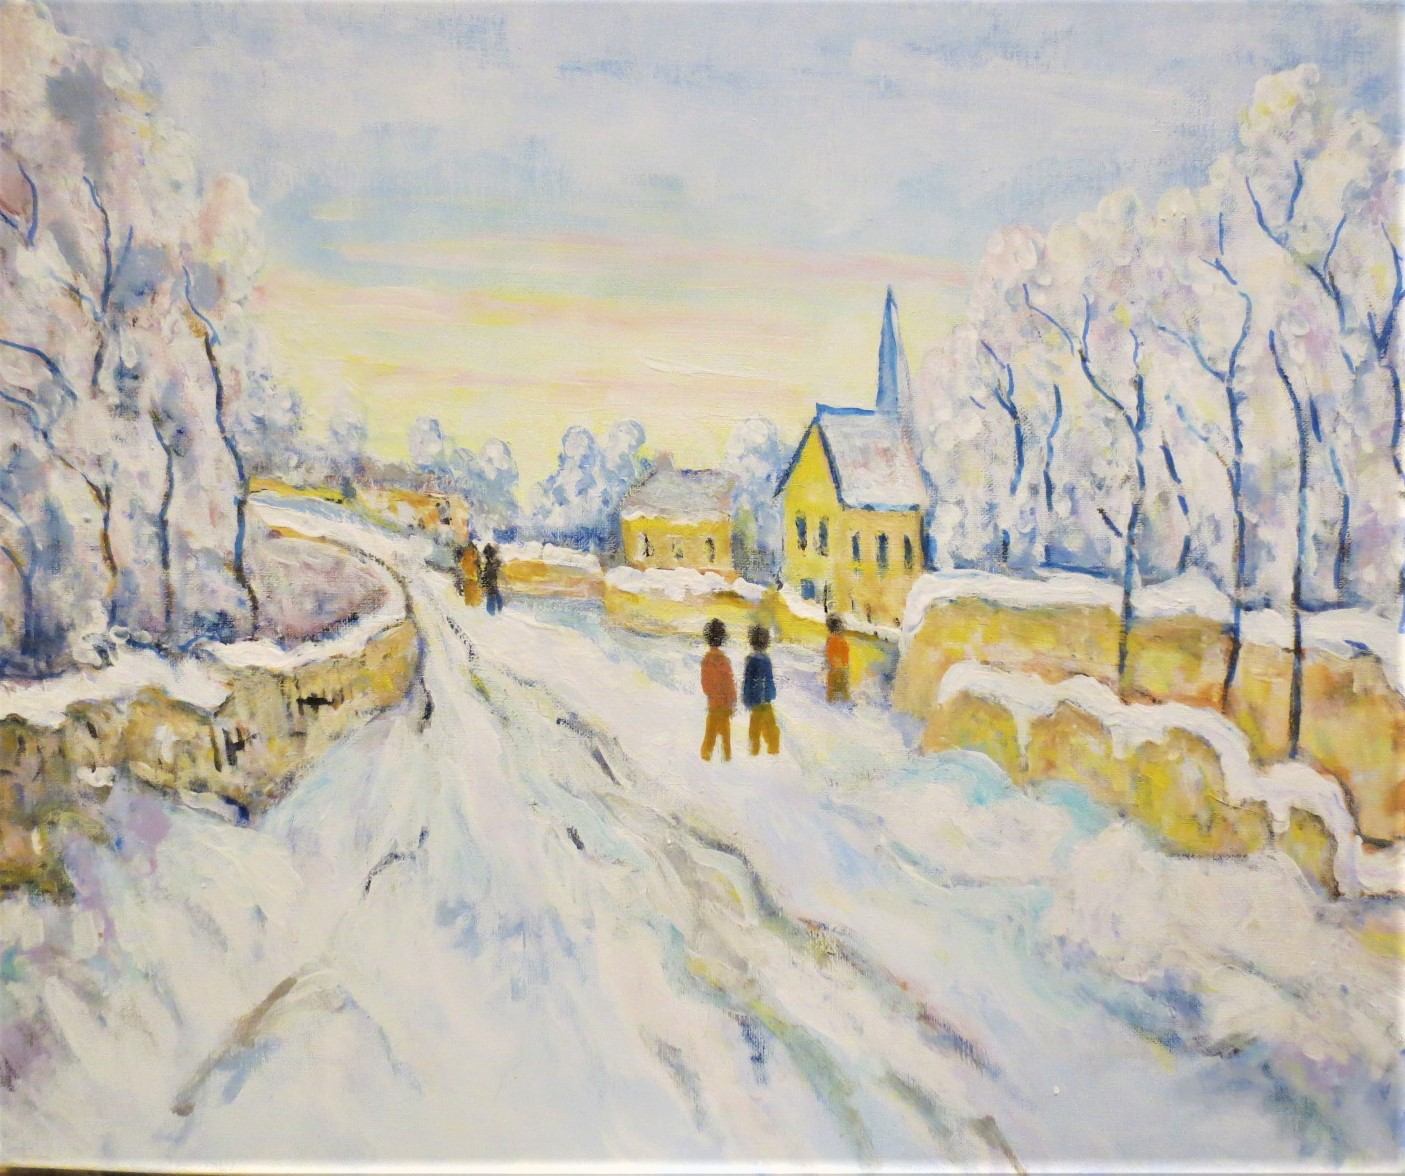 Un paysage d'hiver de Bernard Roynette